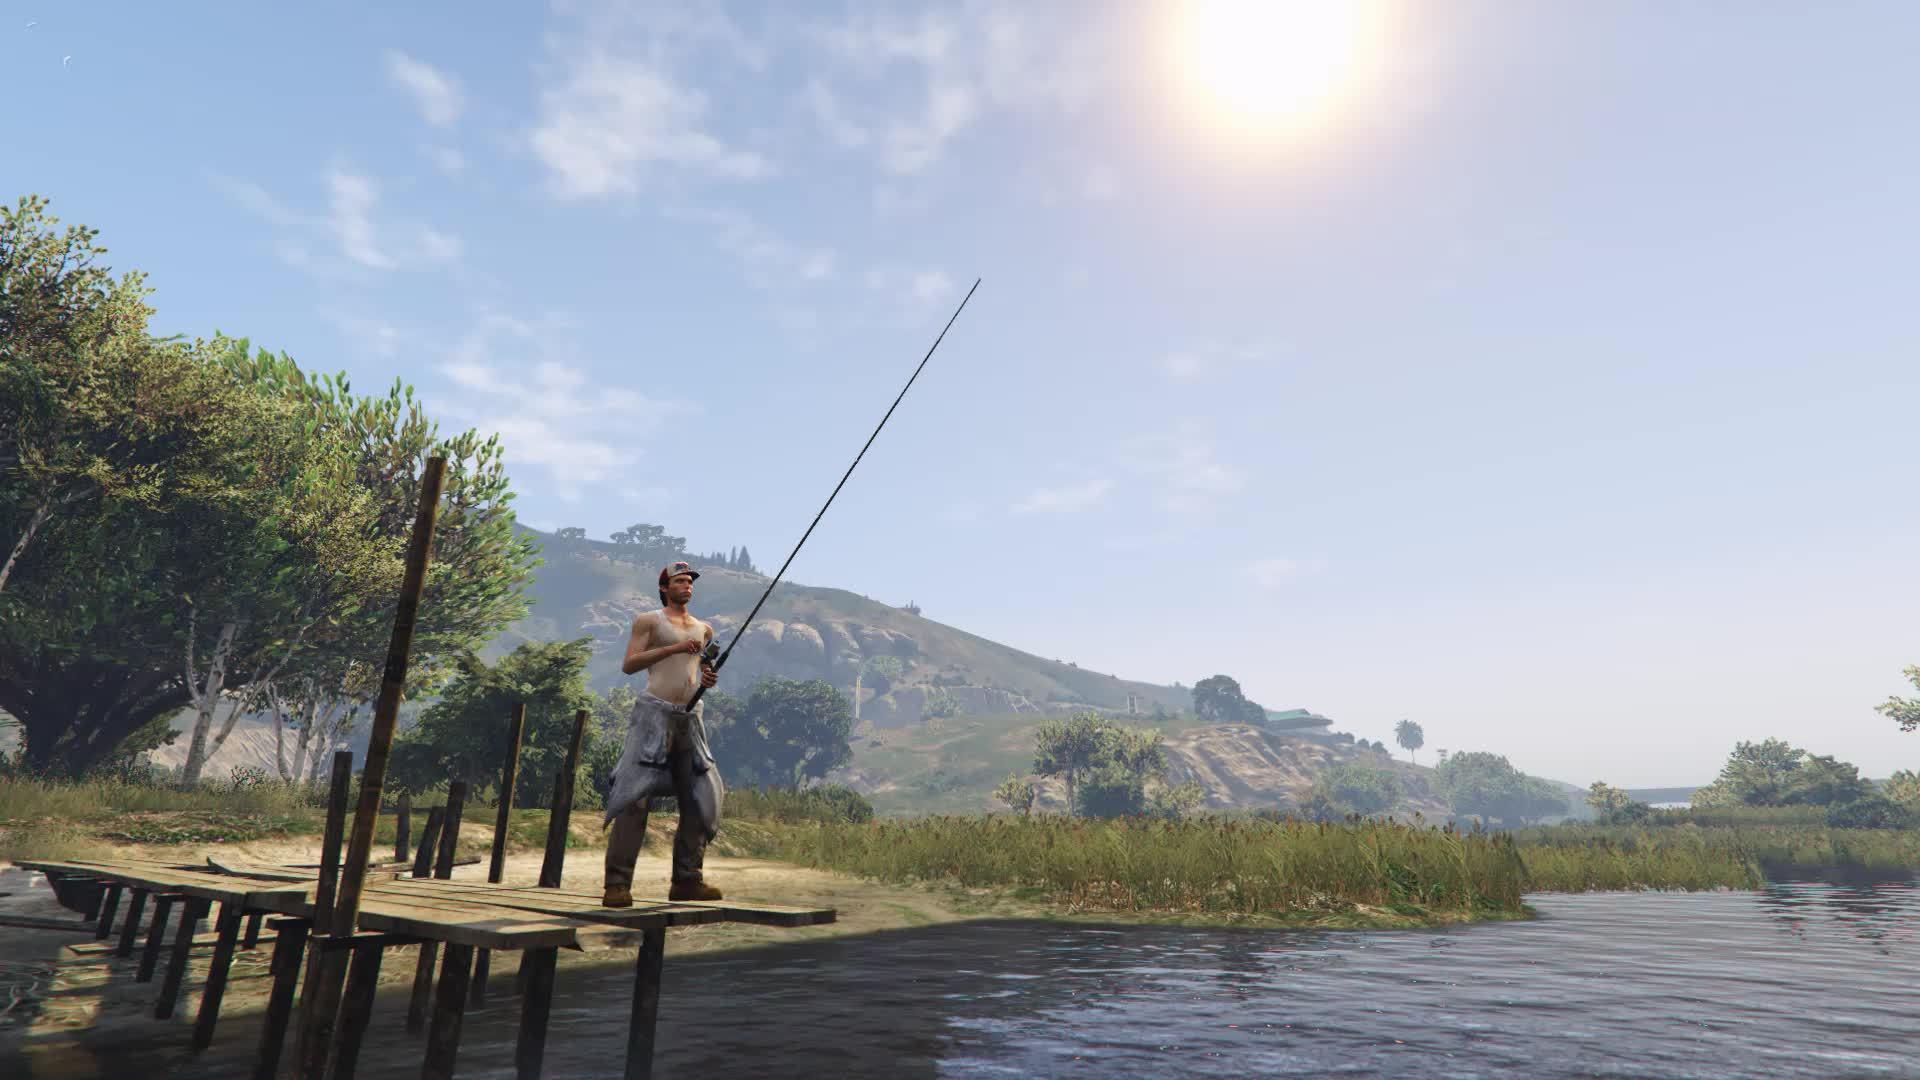 fishing, nbgaming, Fishing GIFs